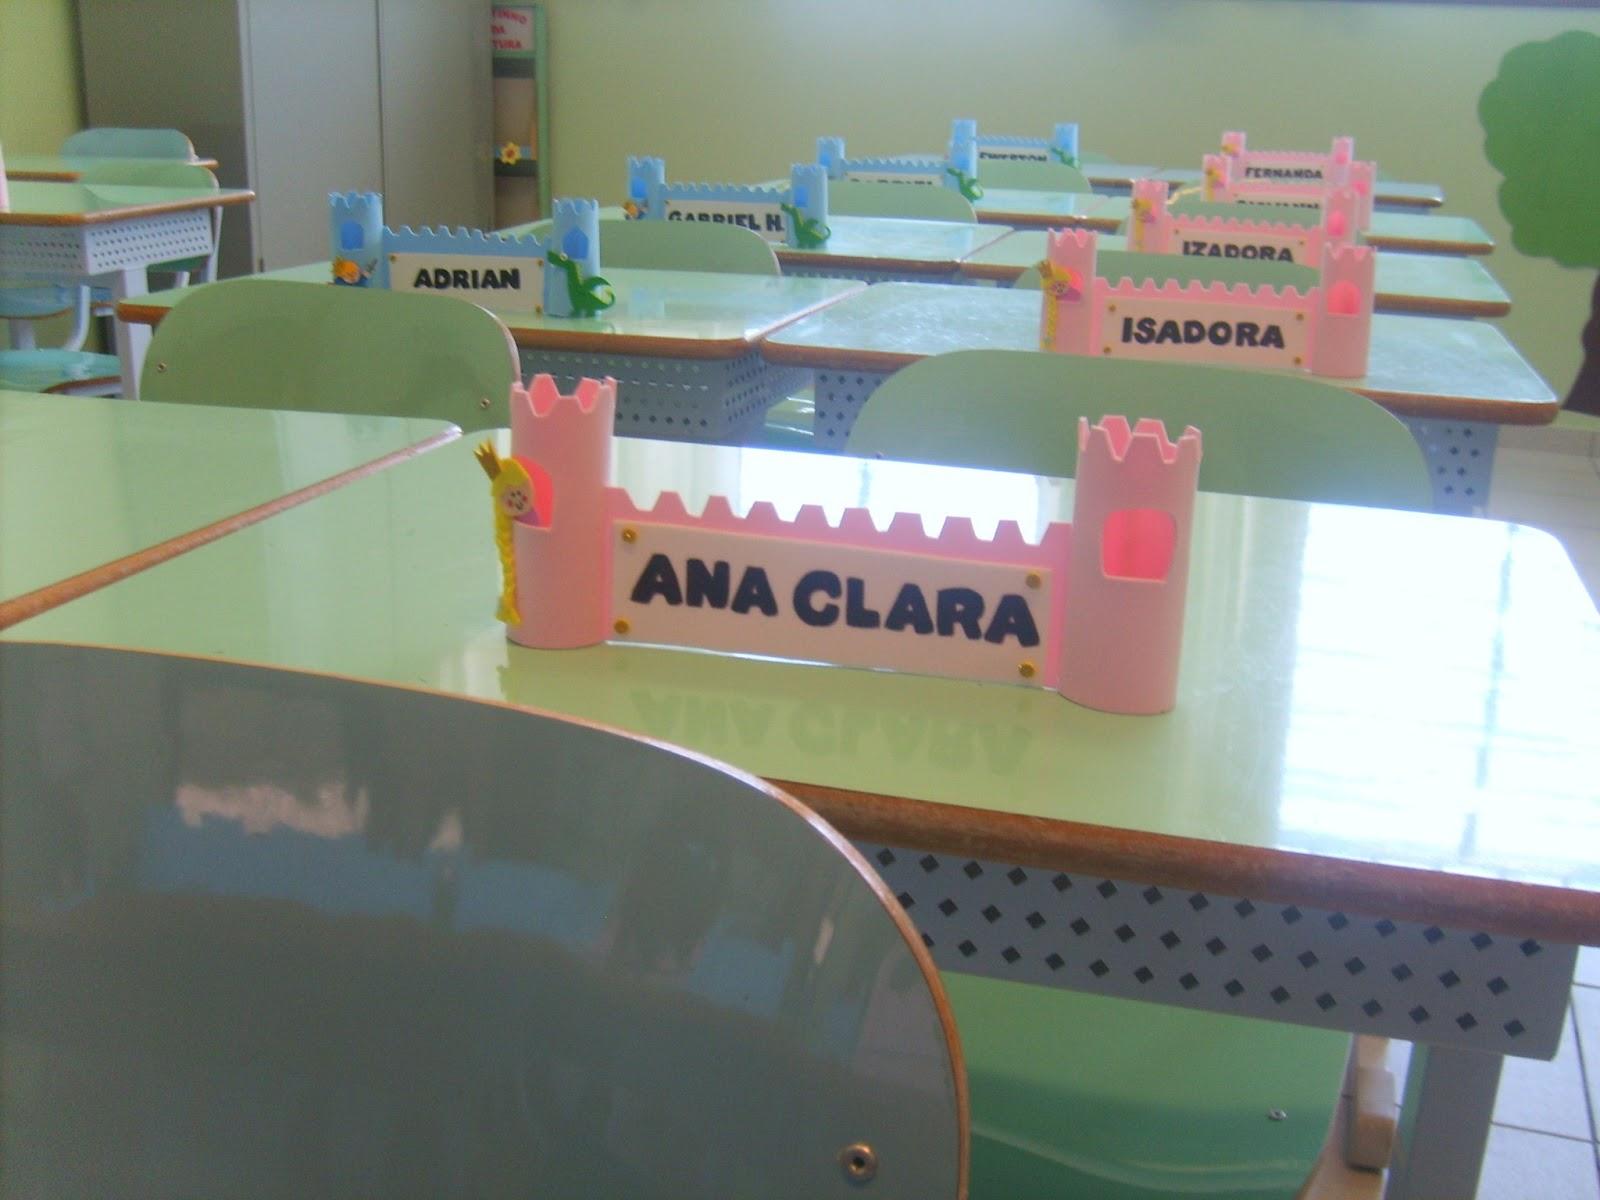 decoracao de sala aula em eva : decoracao de sala aula em eva:crachá+sala+de+aula+em+EVA+foami+decoração+de+sala.+(2).JPG